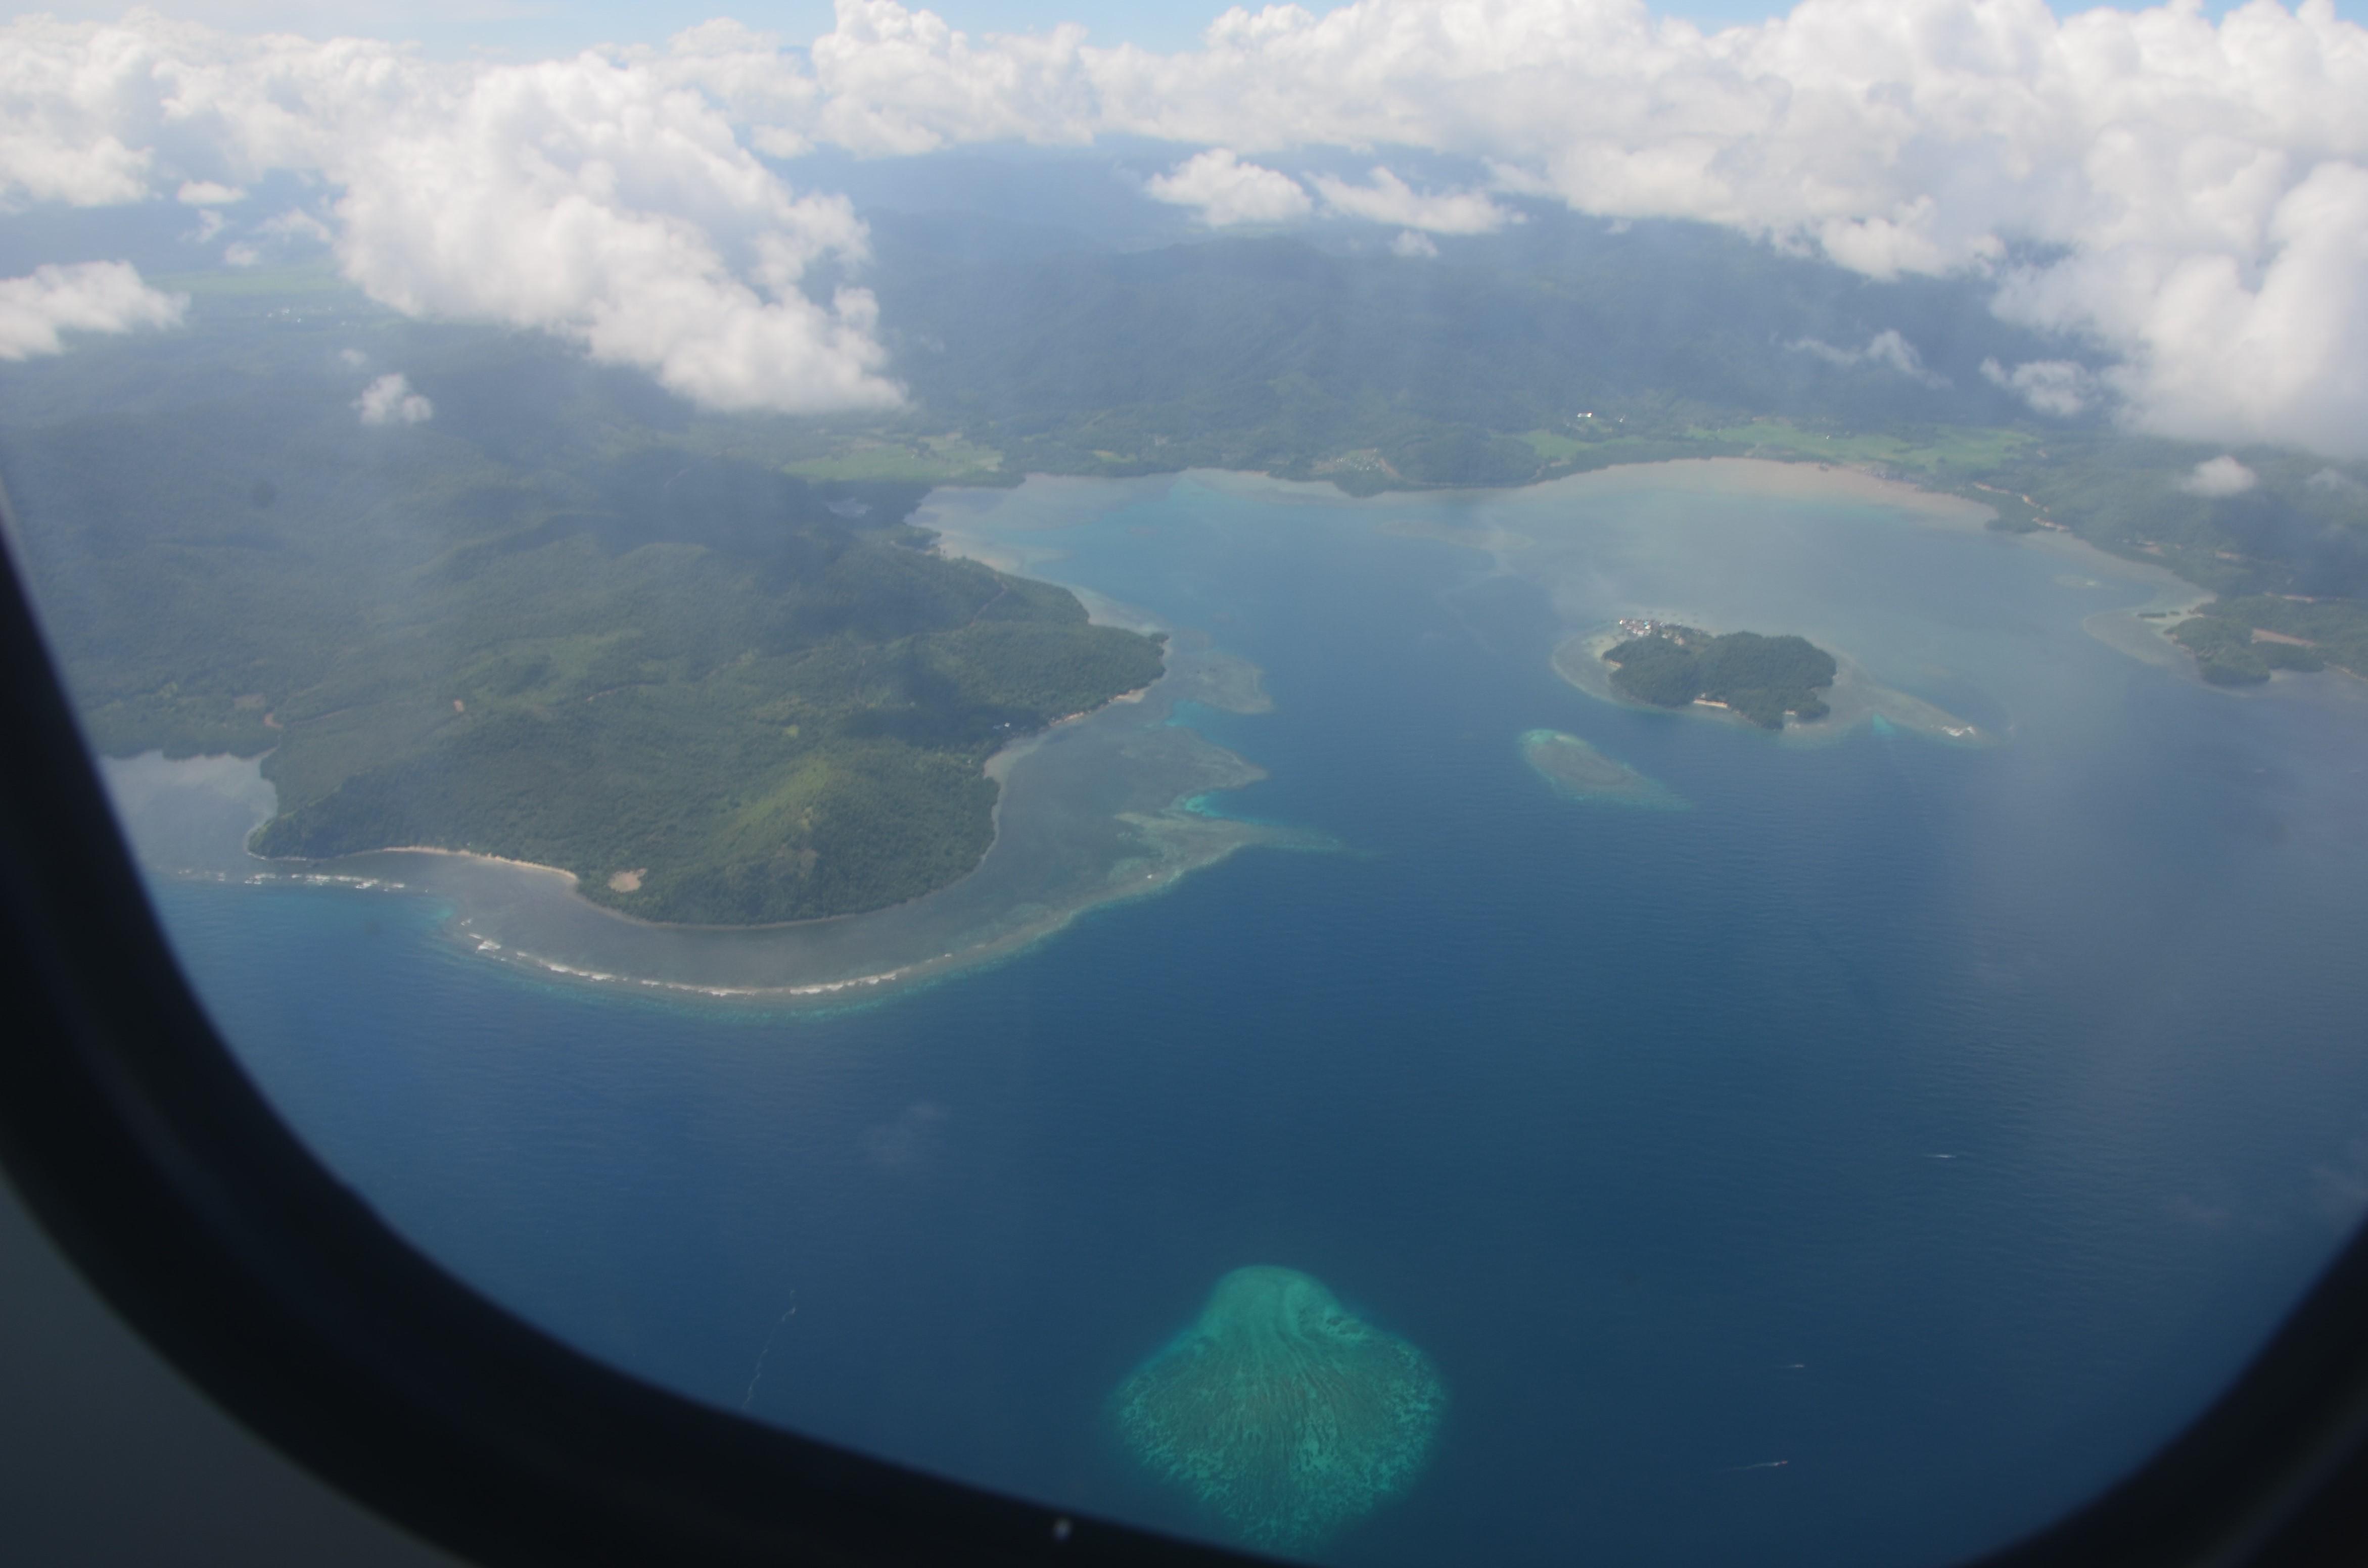 Остров Флорес в Индонезии: хоббиты, бетель и жертвоприношения Остров Флорес в Индонезии: хоббиты, бетель и жертвоприношения DSC 2100